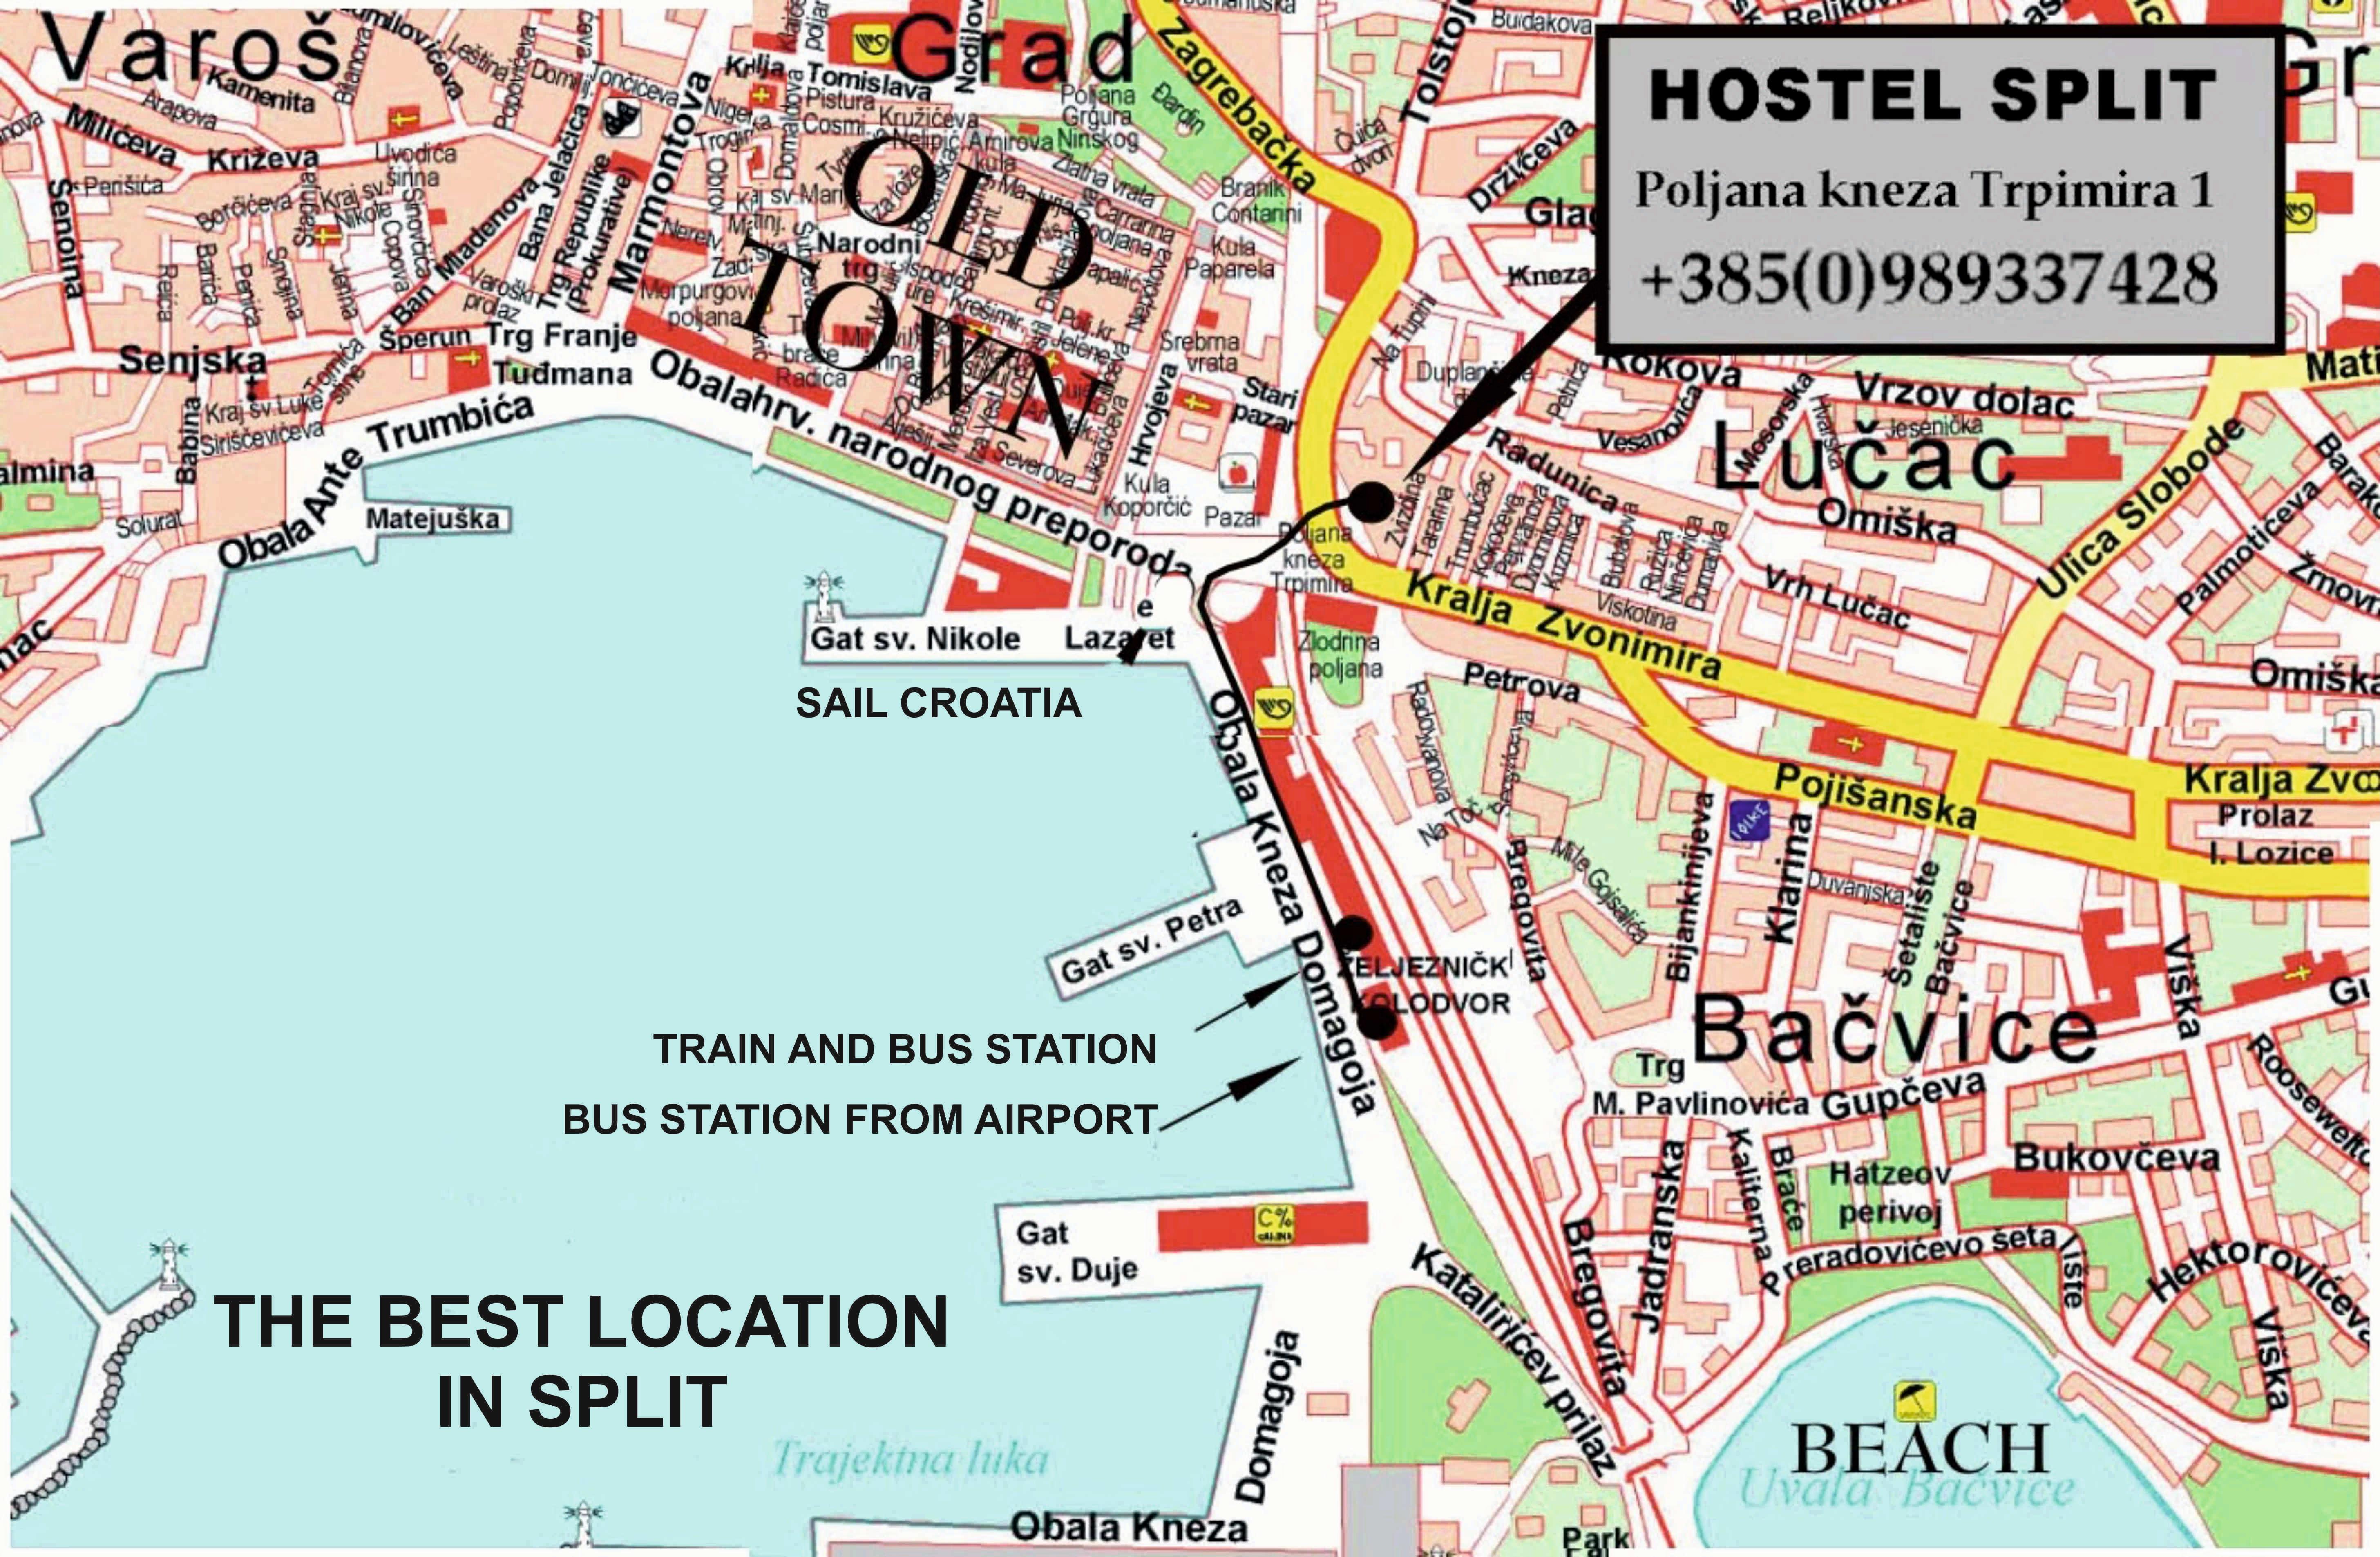 HOSTEL - Hostel Split